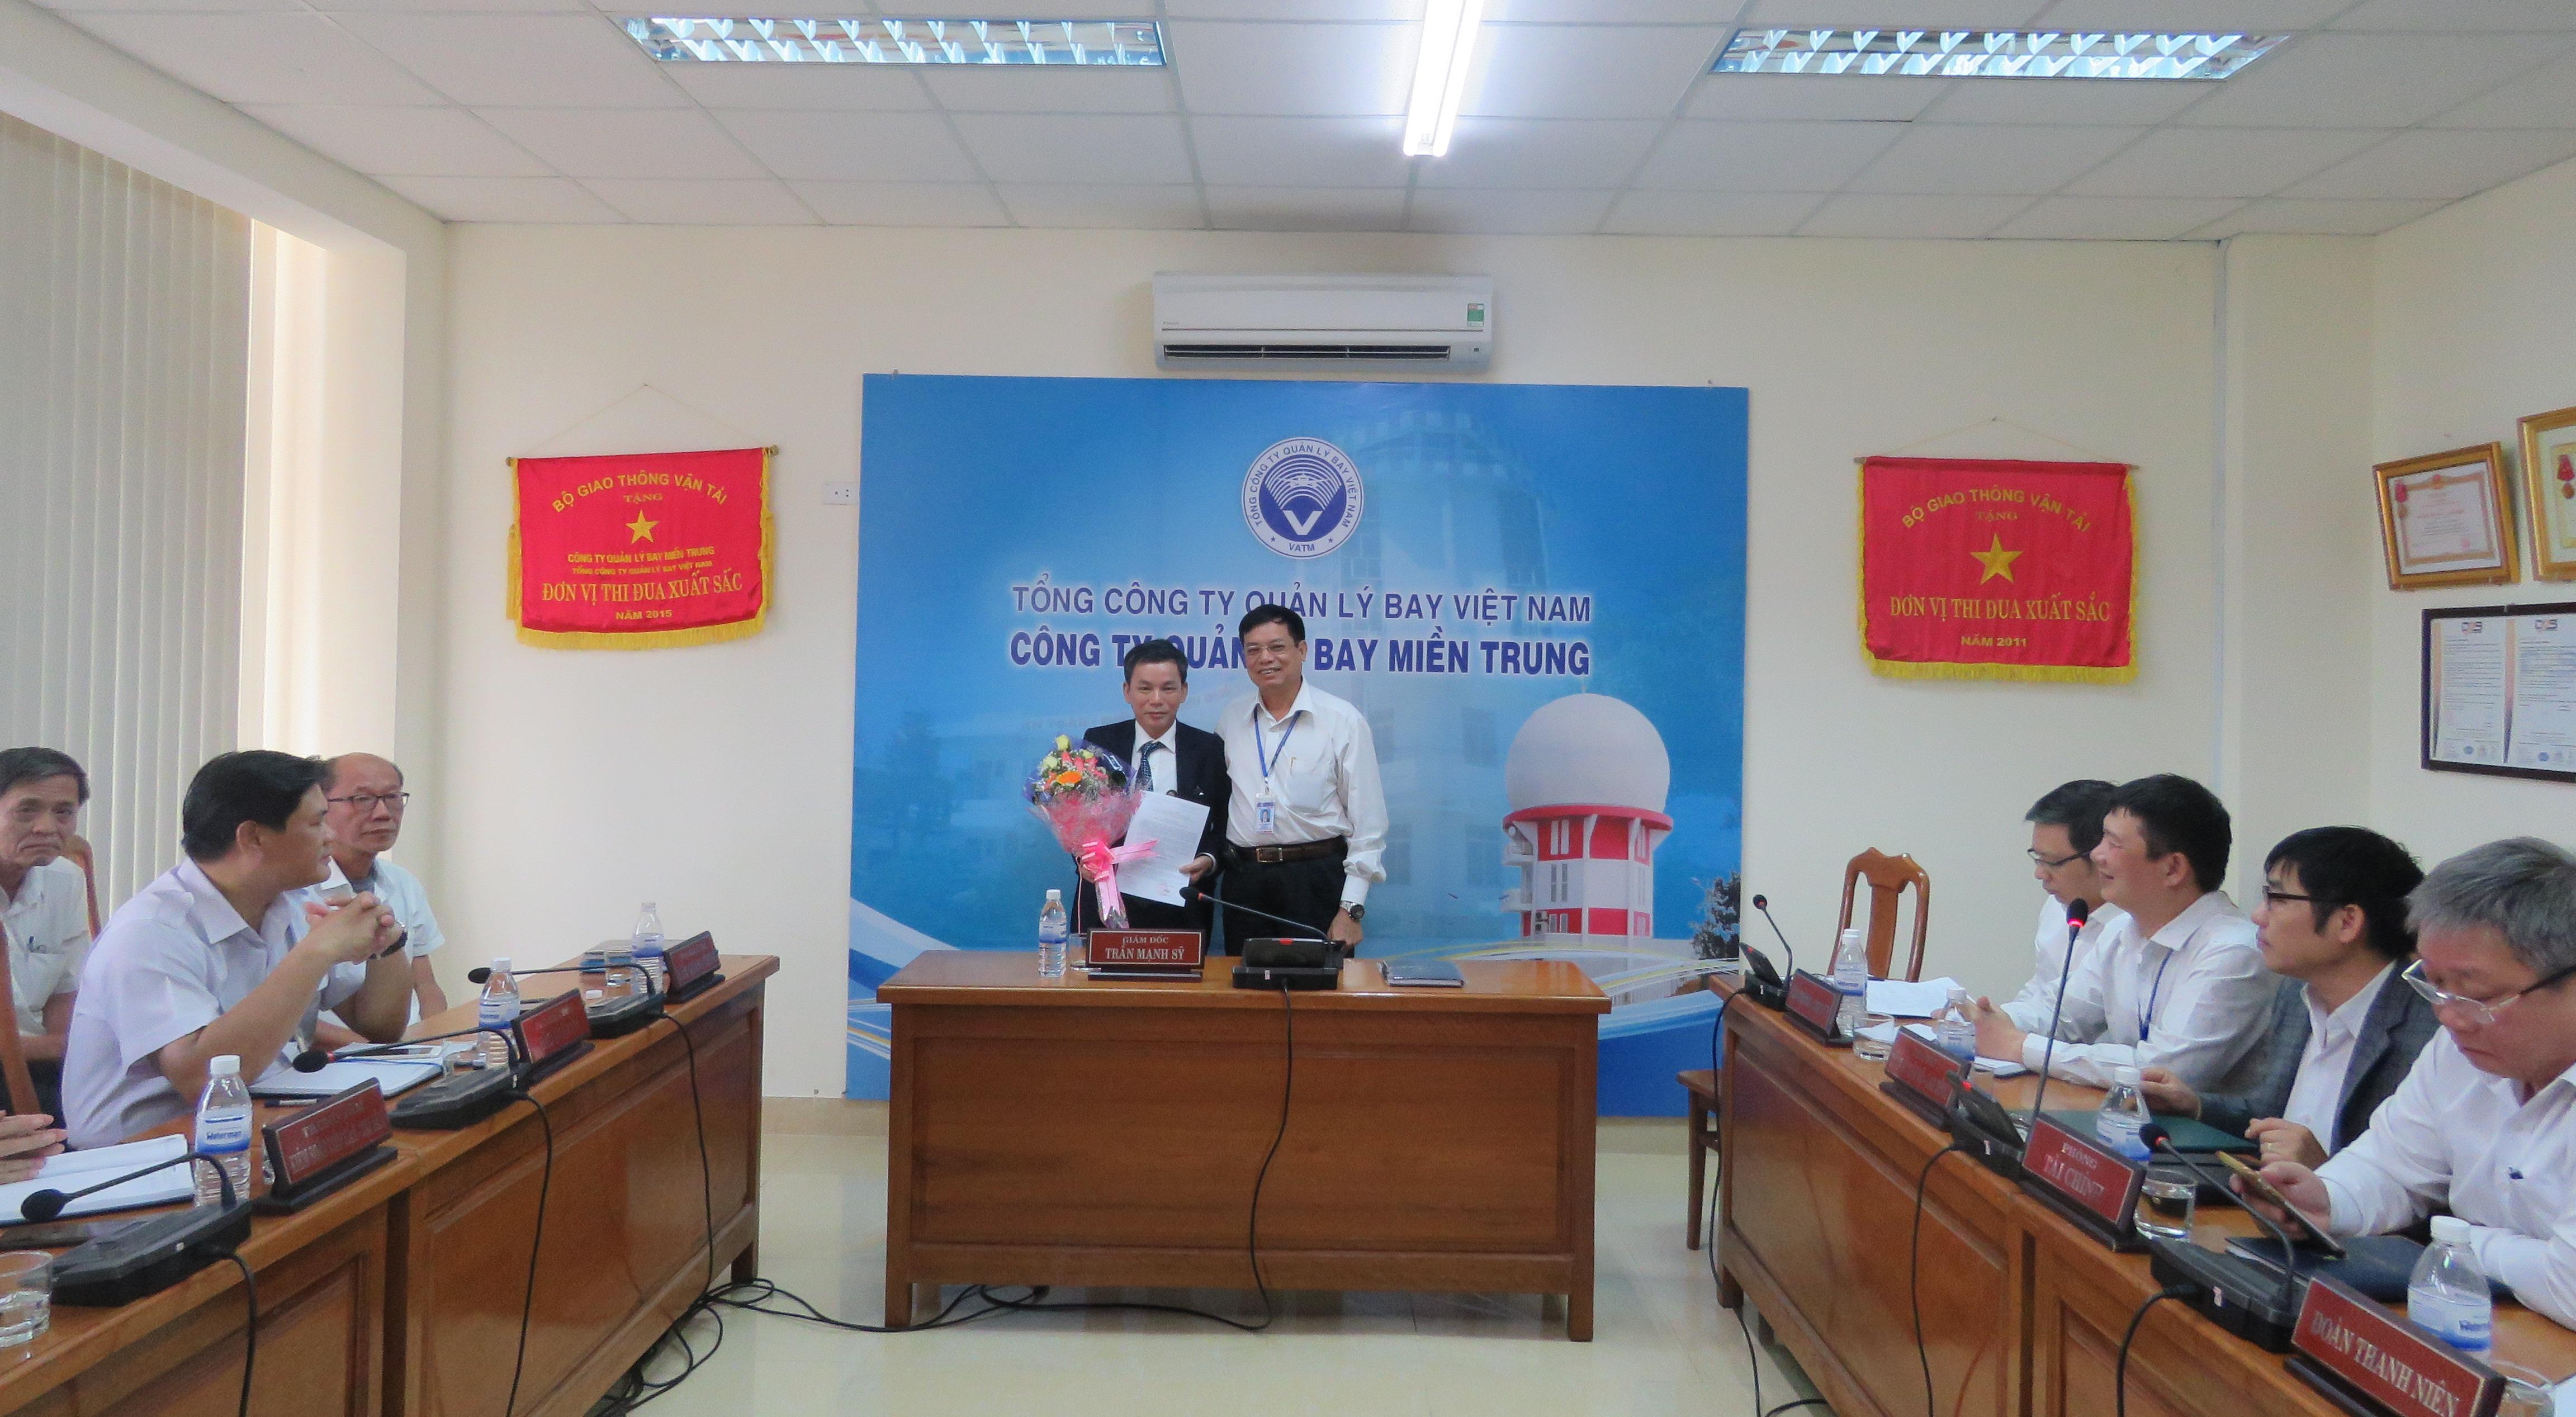 Công ty Quản lý bay miền Trung trao quyết định bổ nhiệm Phó Chánh Văn phòng